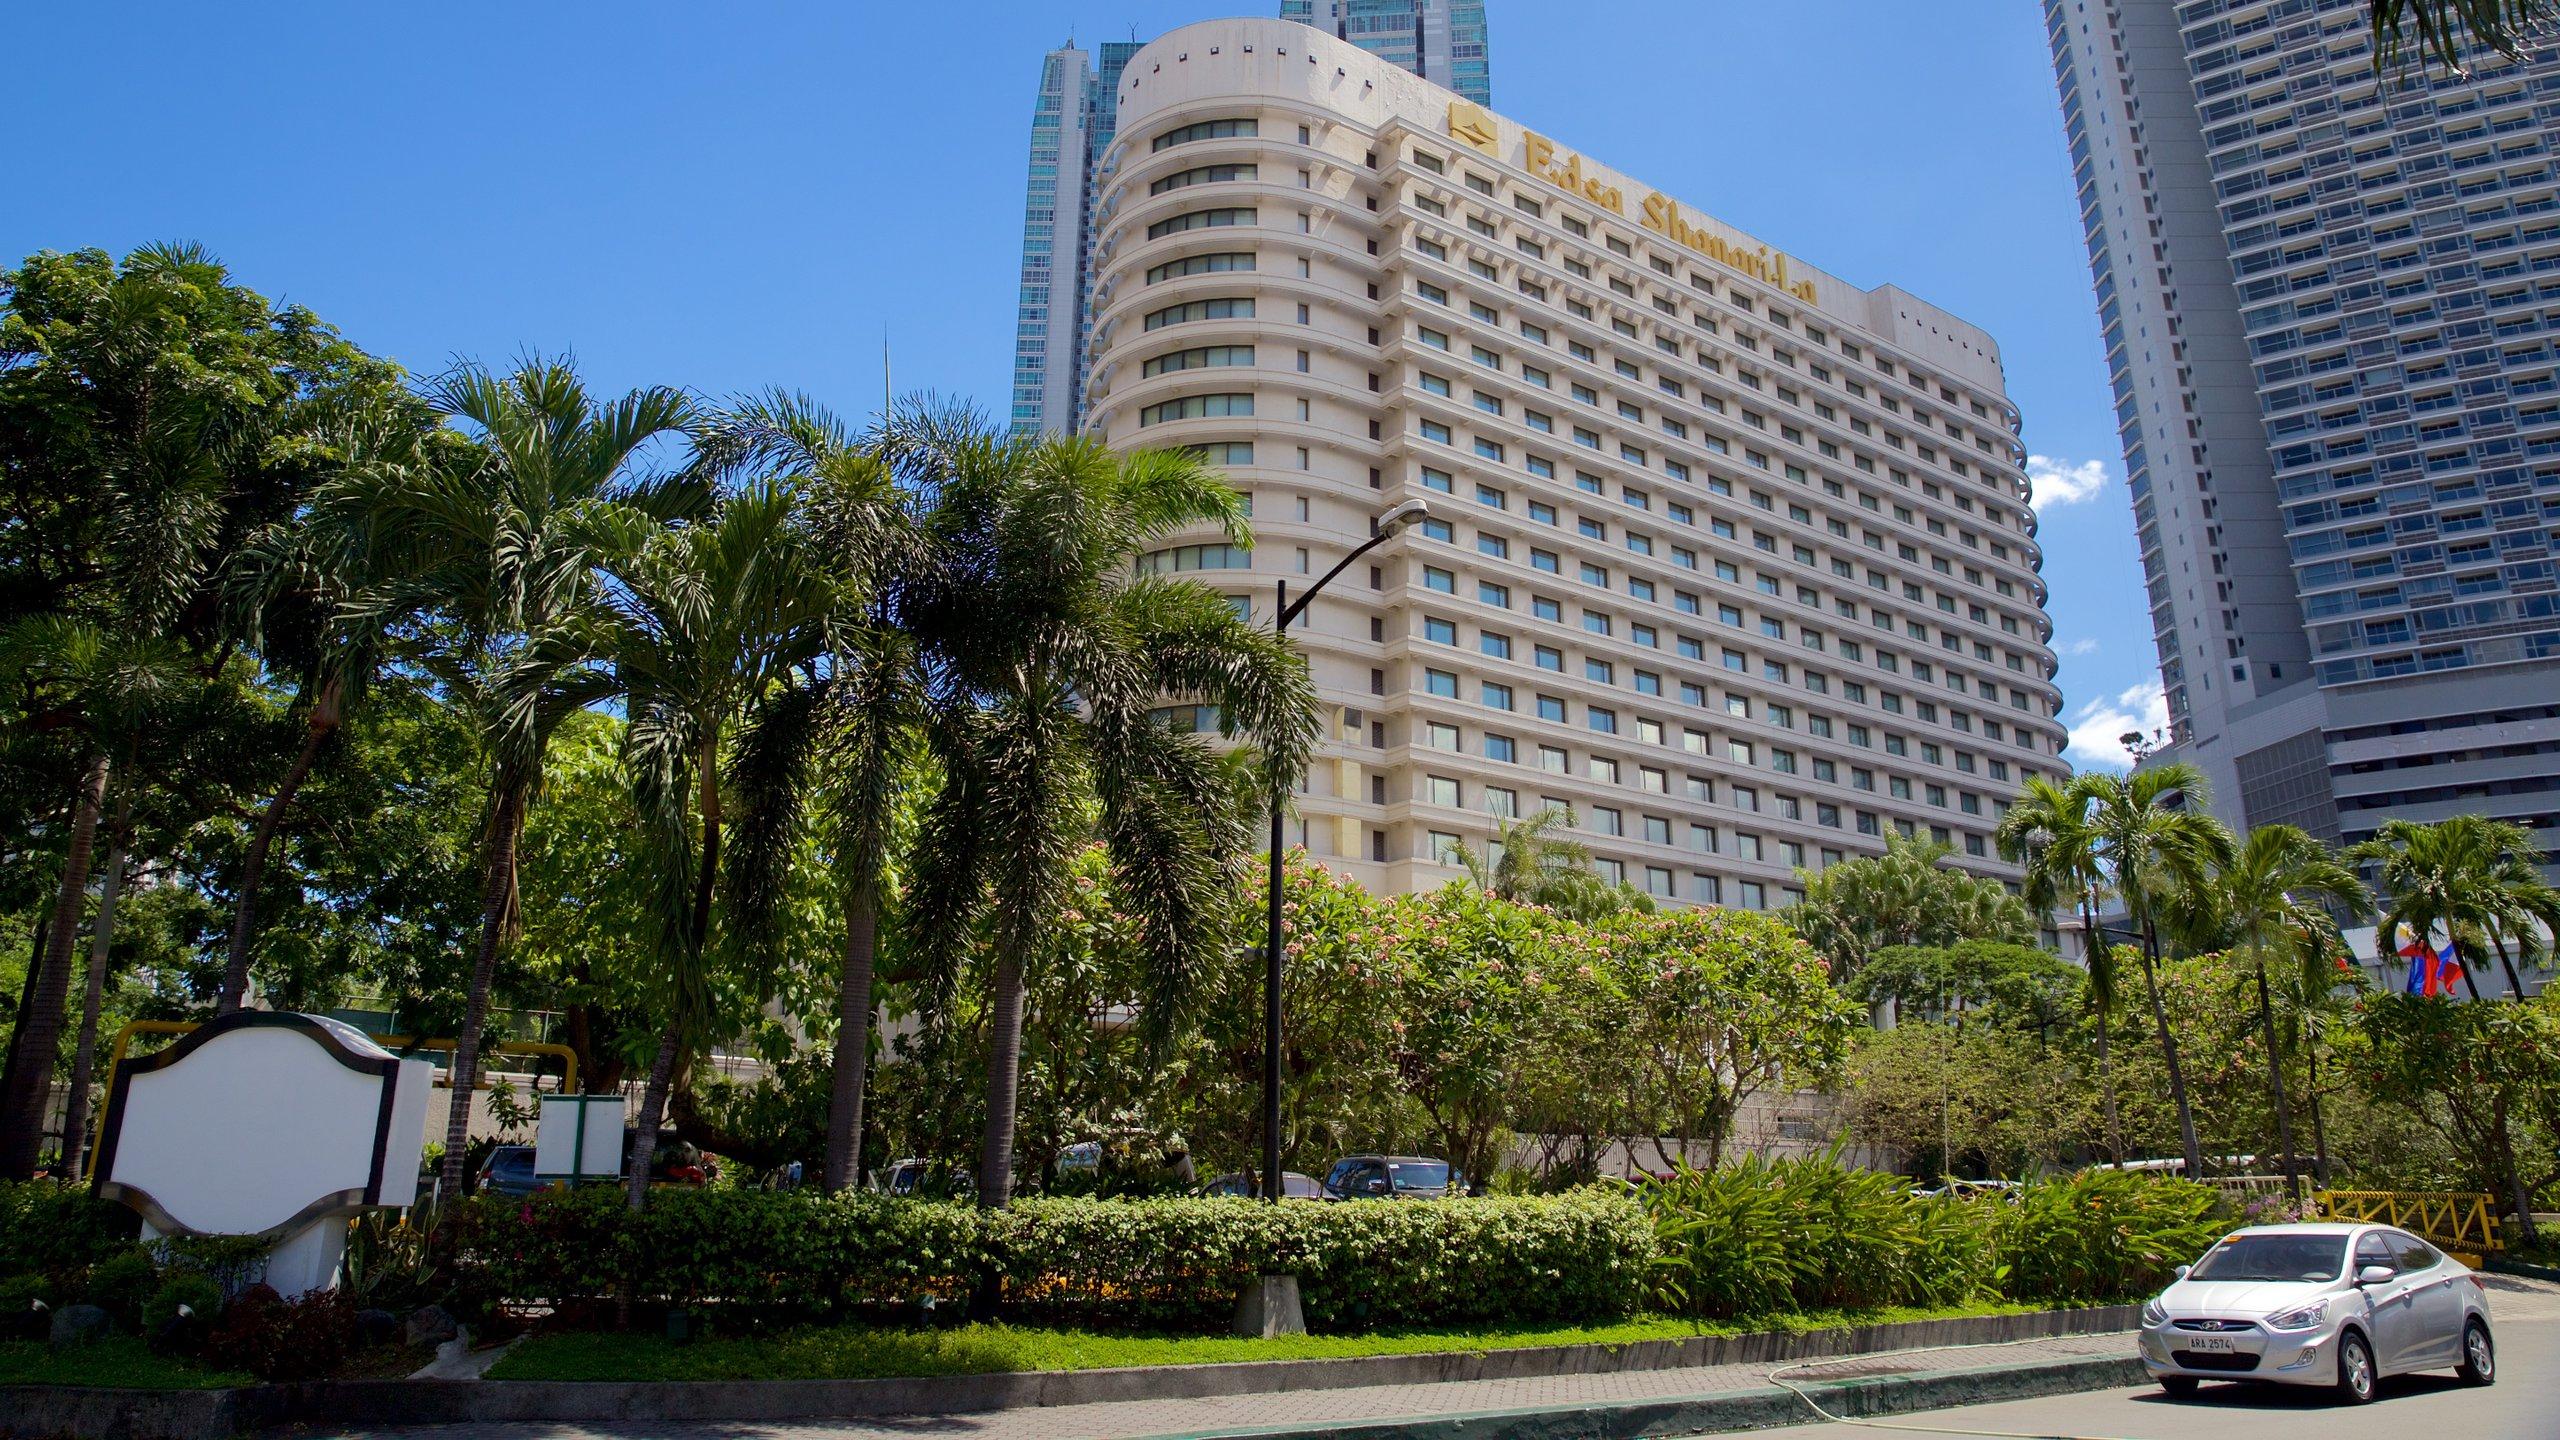 Top 10 Cheap Hotels In Ortigas Center, Manila $21: Find